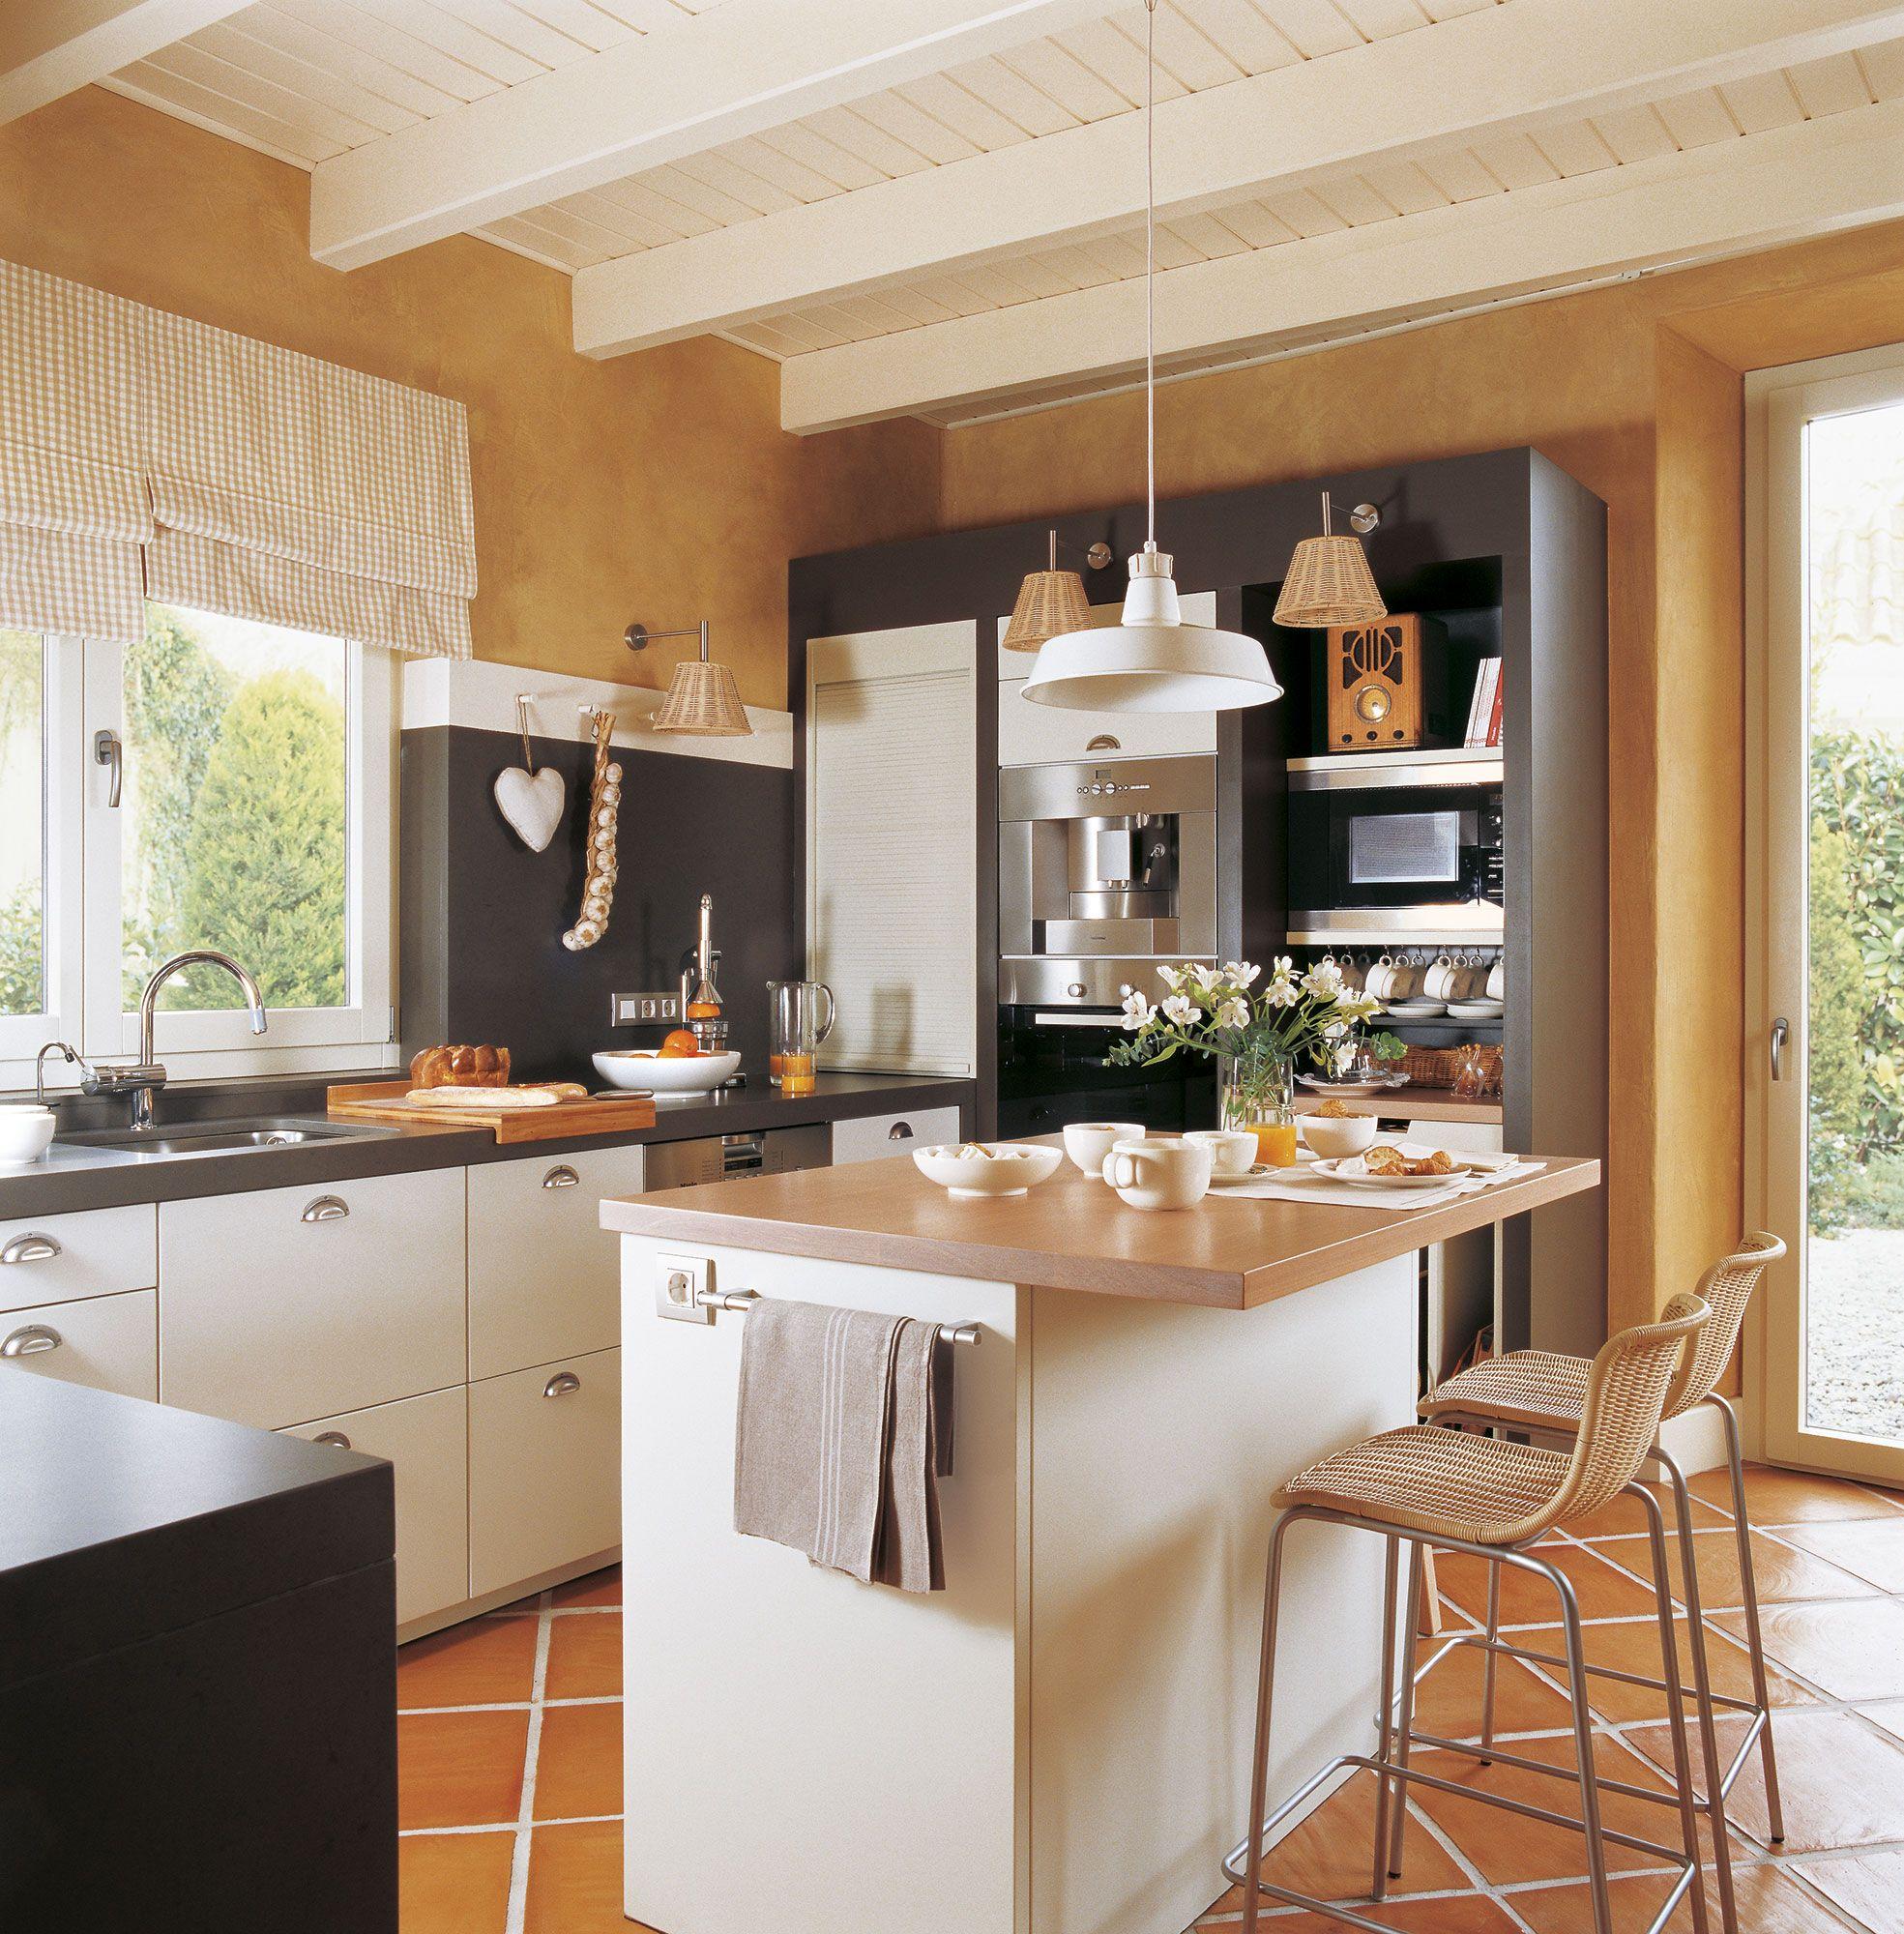 Desayuno, comida o cena en la cocina | Cocinas con barra, Desayuno y ...